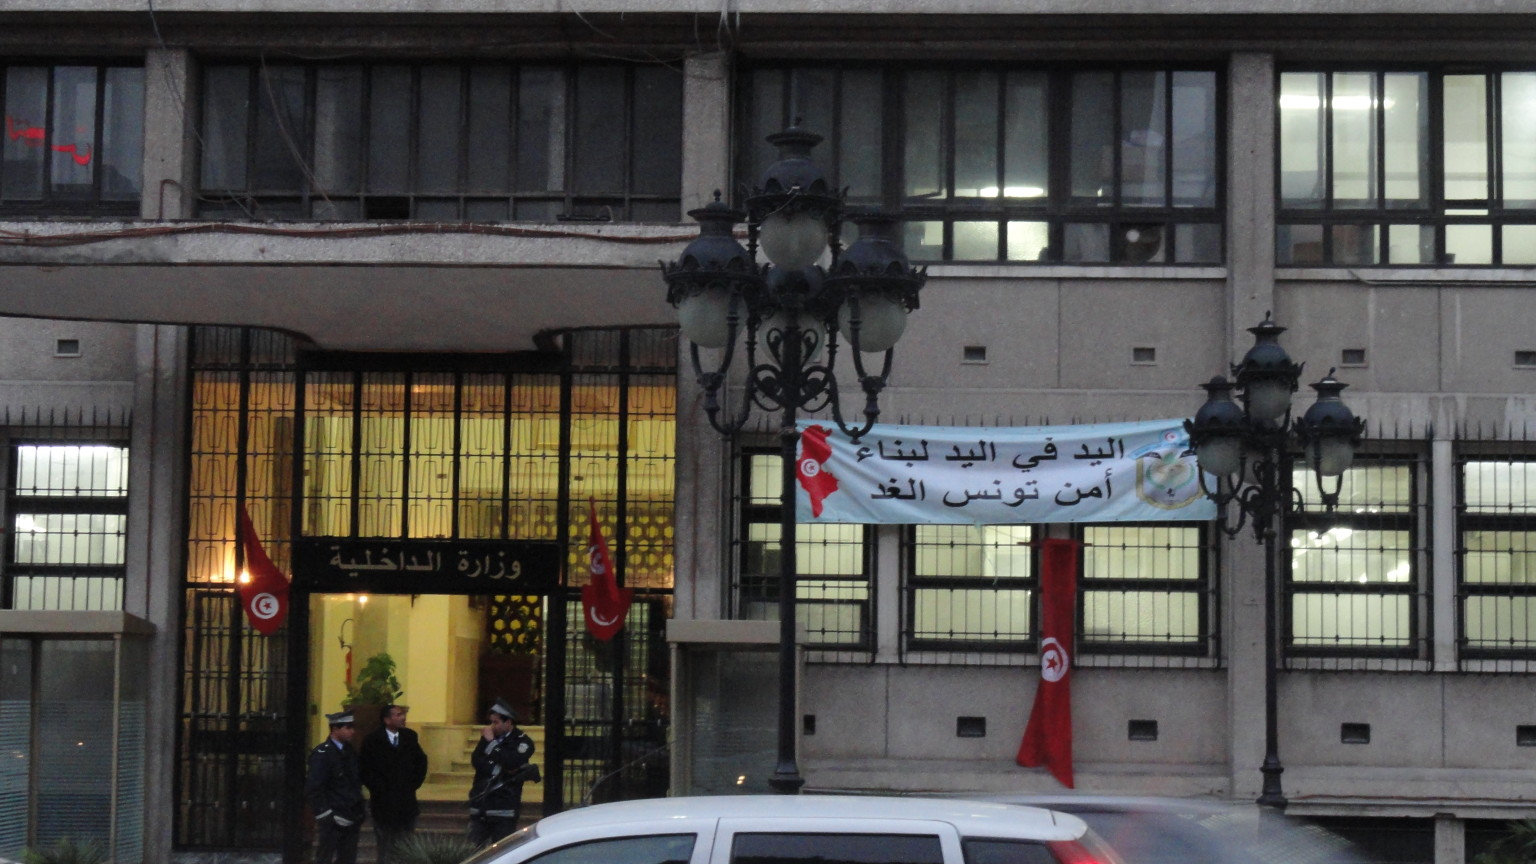 Tunisie assassinat de mohamed brahmi le minist re de l for Le ministere de l interieur